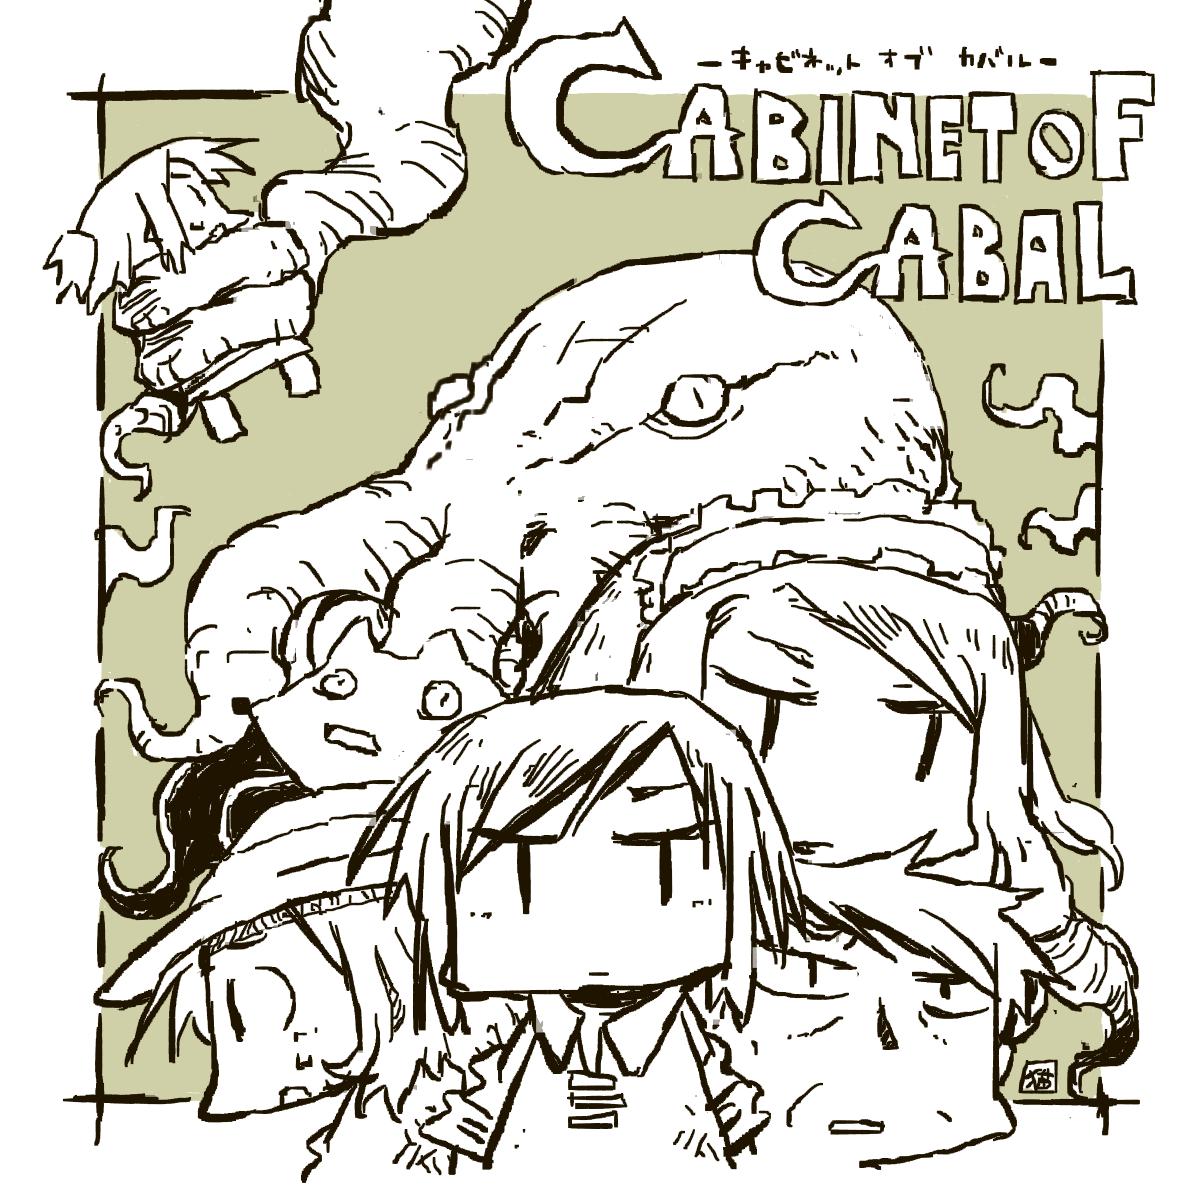 イベント制作団体カバルという団体へのファンアート。